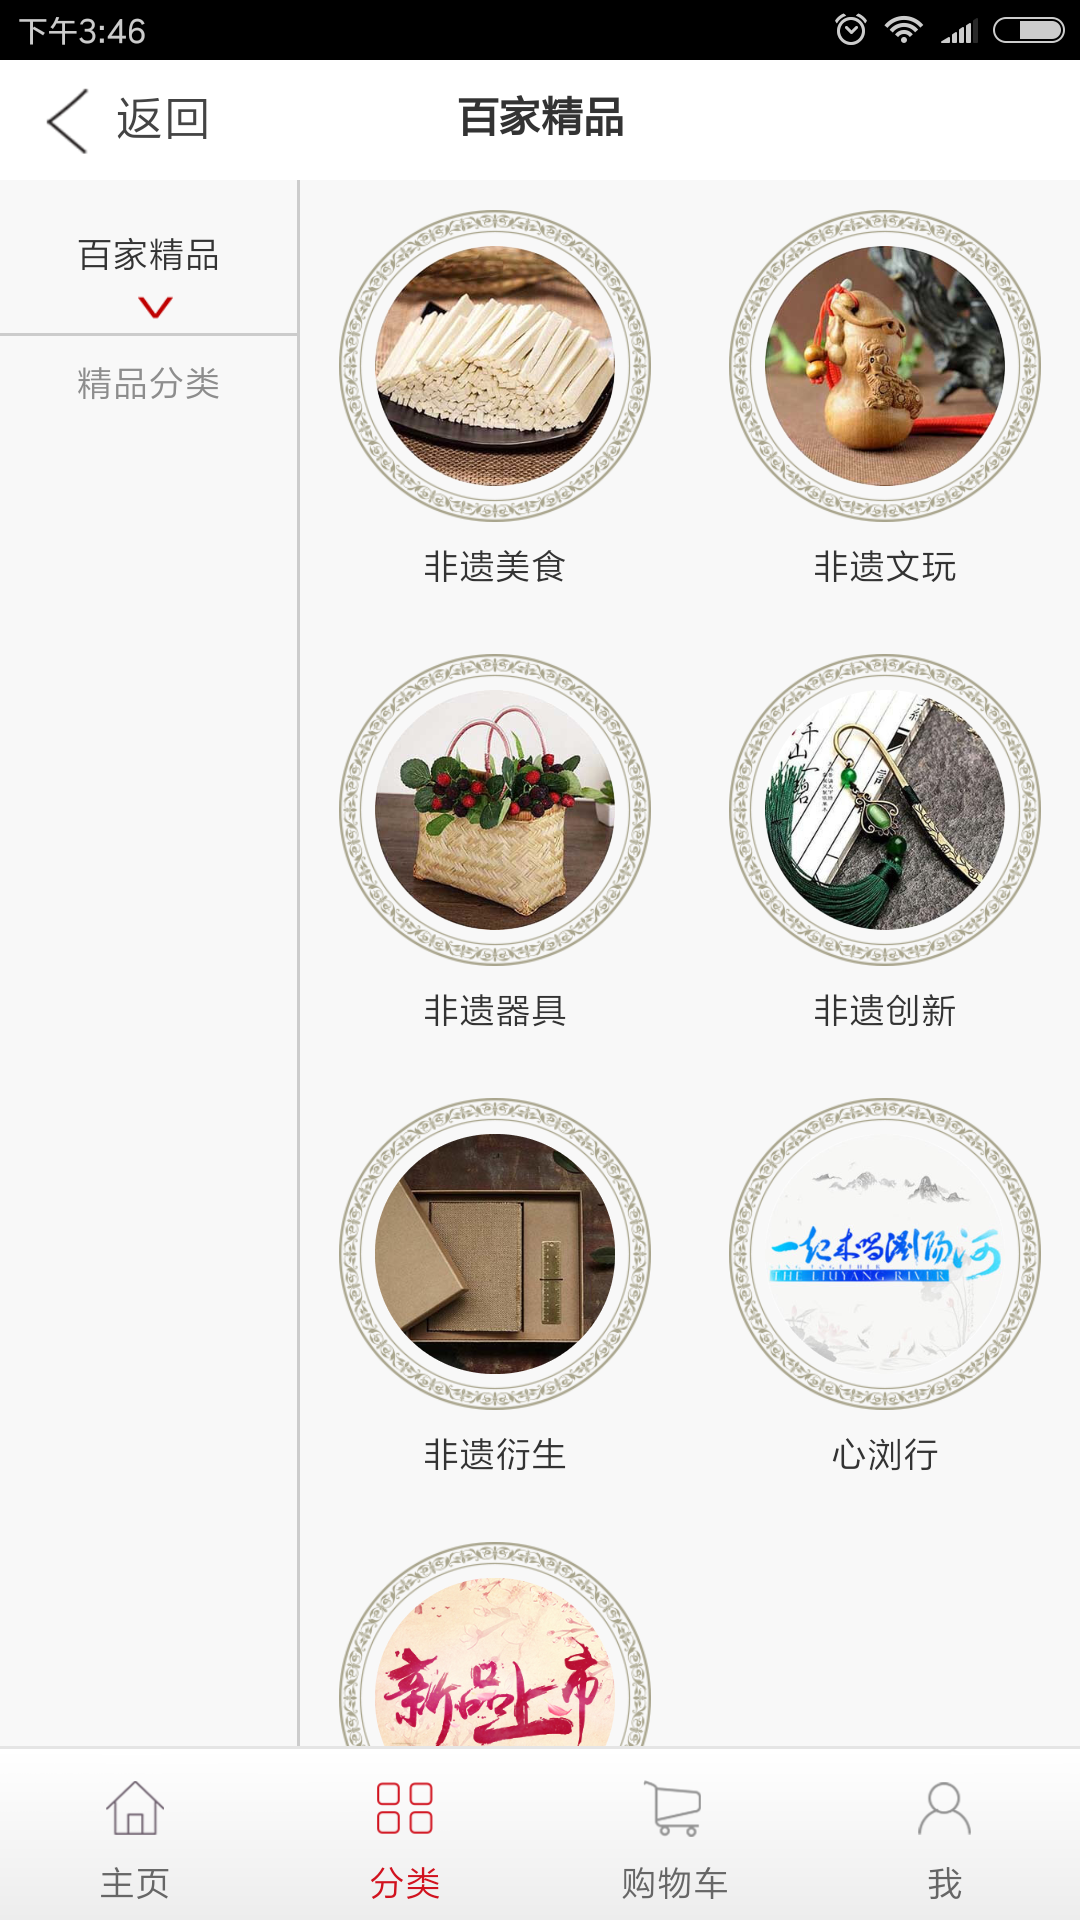 飞艺宝—礼品定制专家